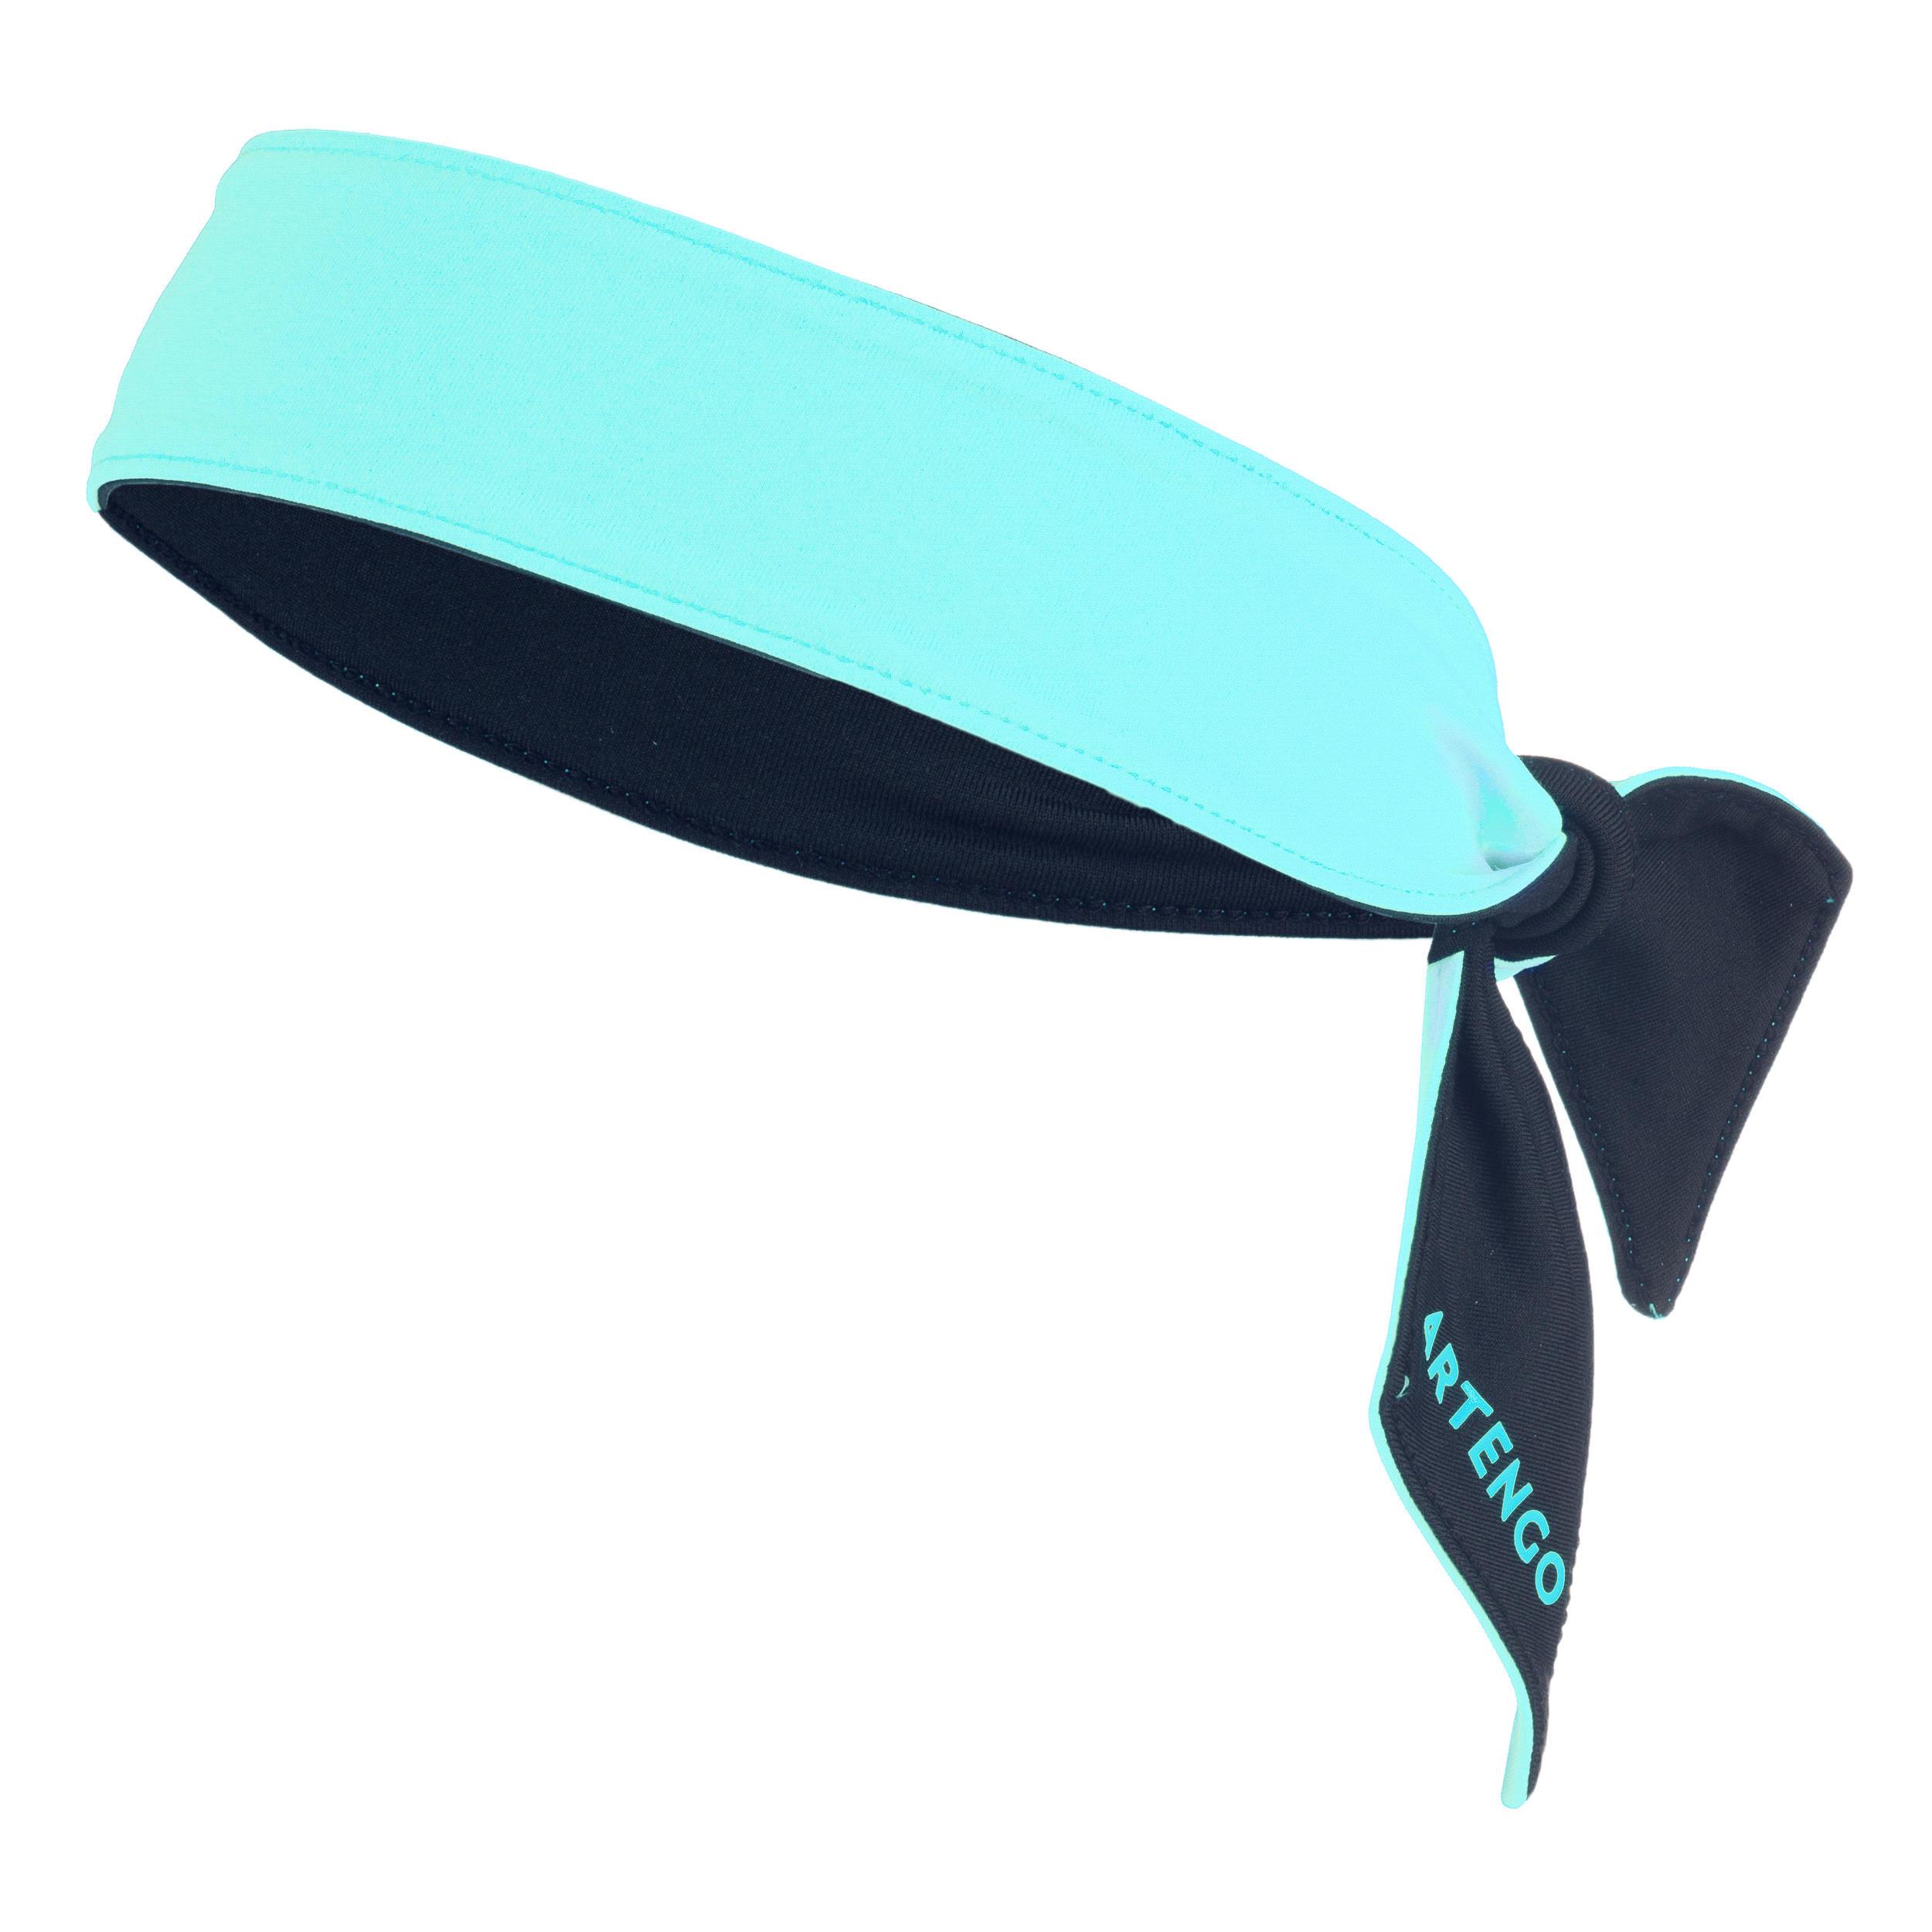 Stirnband Bandana Tennis | Accessoires > Mützen > Stirnbänder | Artengo